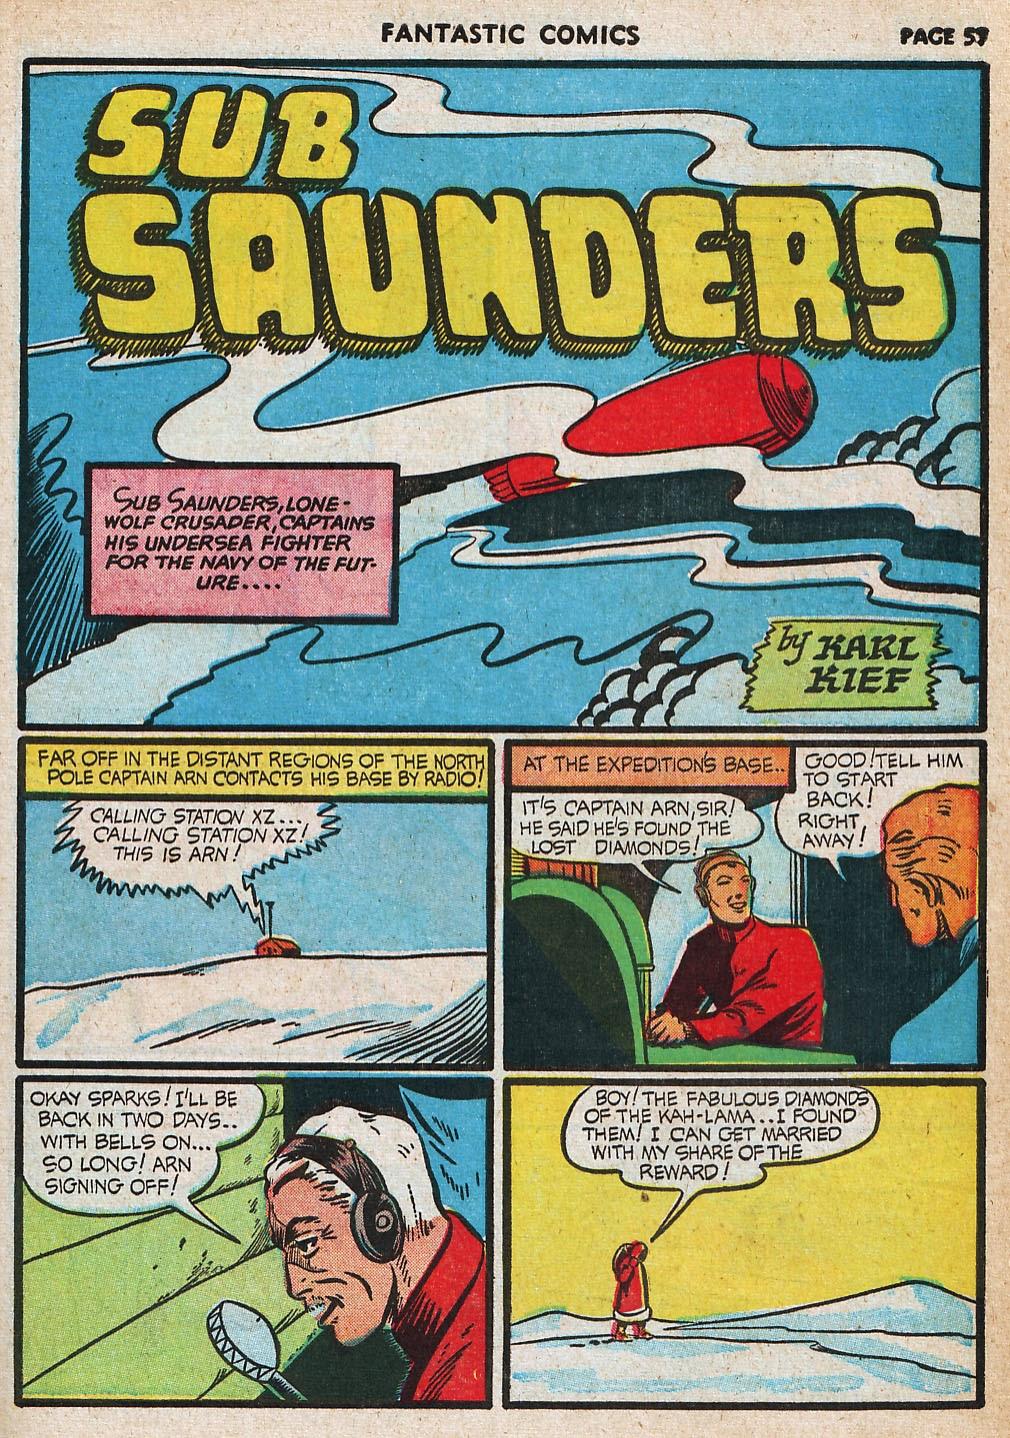 Read online Fantastic Comics comic -  Issue #20 - 57